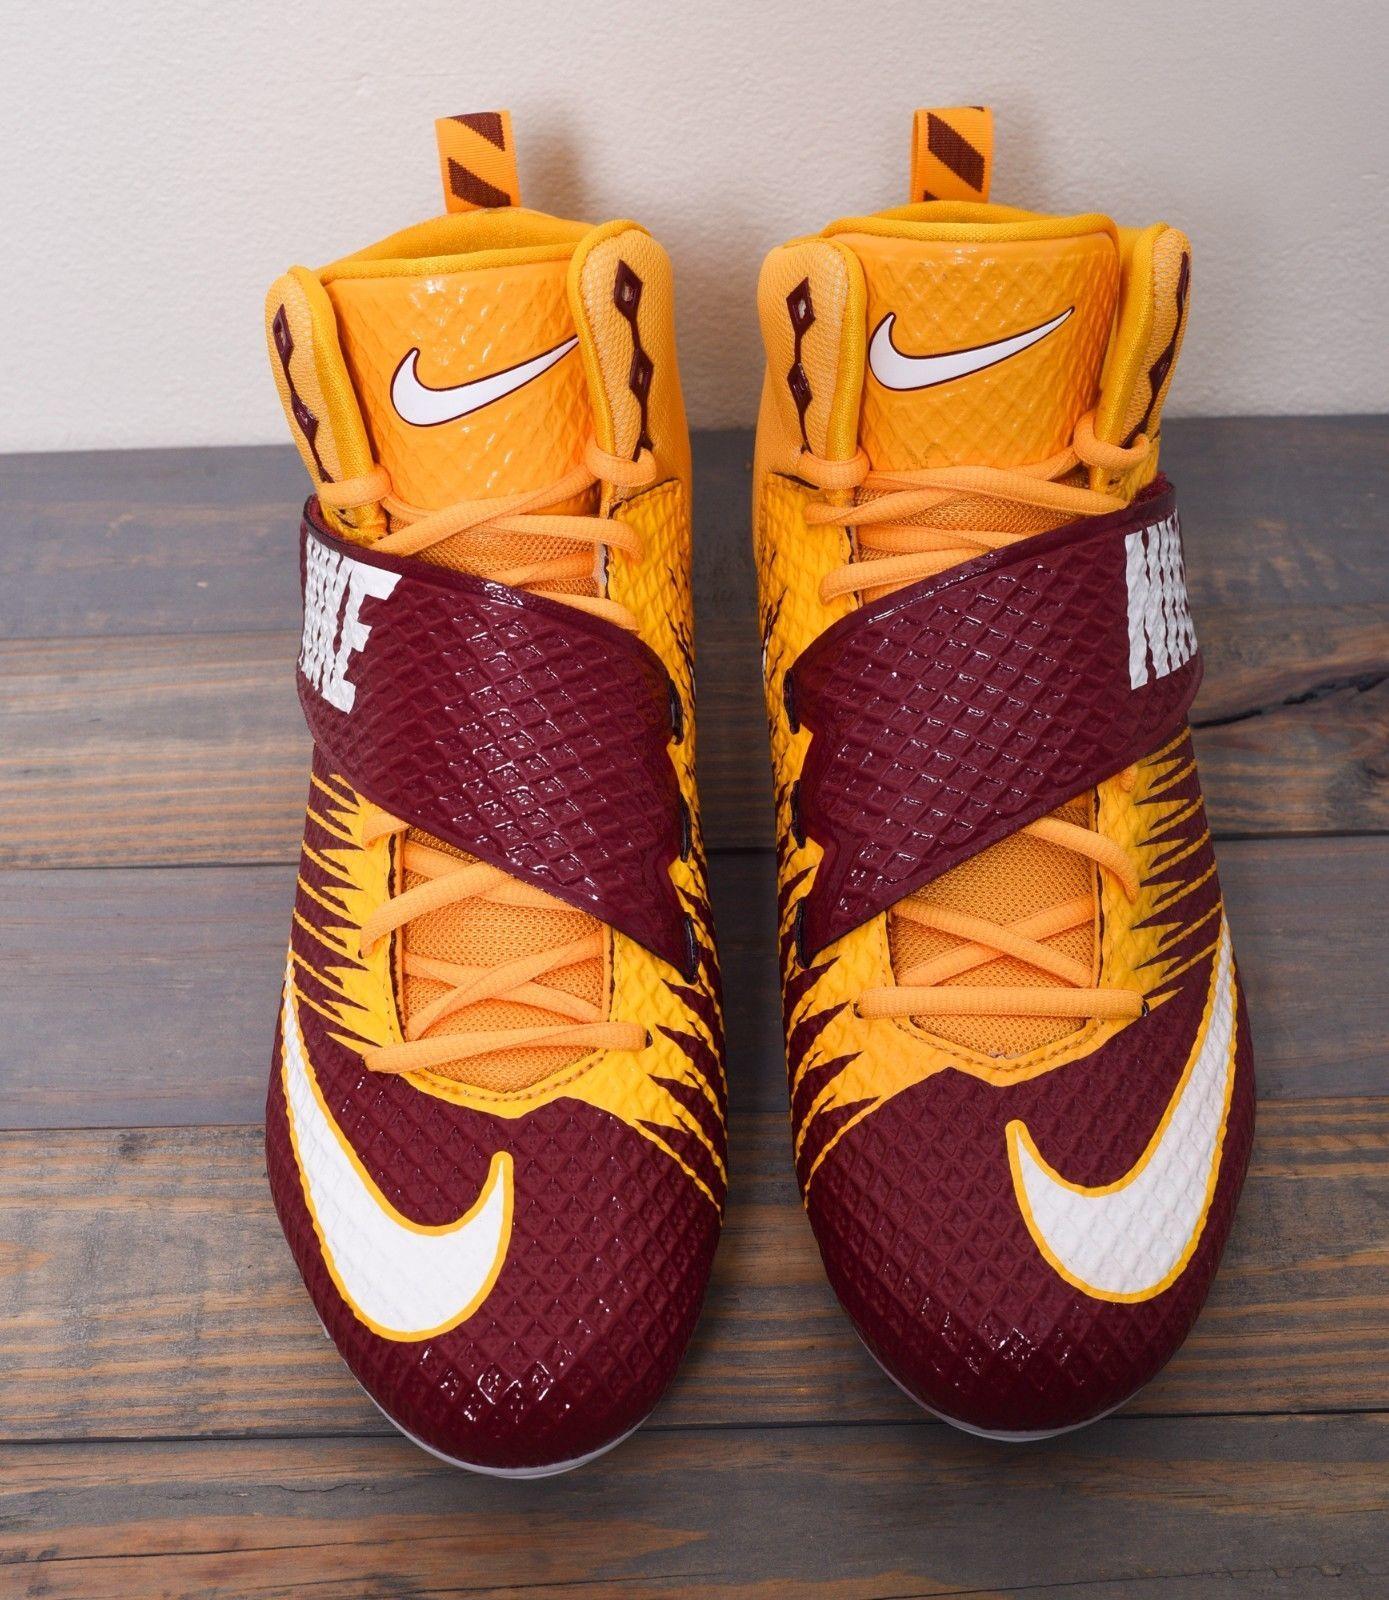 sale retailer f88fc 2329b Men s Nike Lunar Beast Strike Pro TD Football Cleats, Maroon YLW White Size  13.5